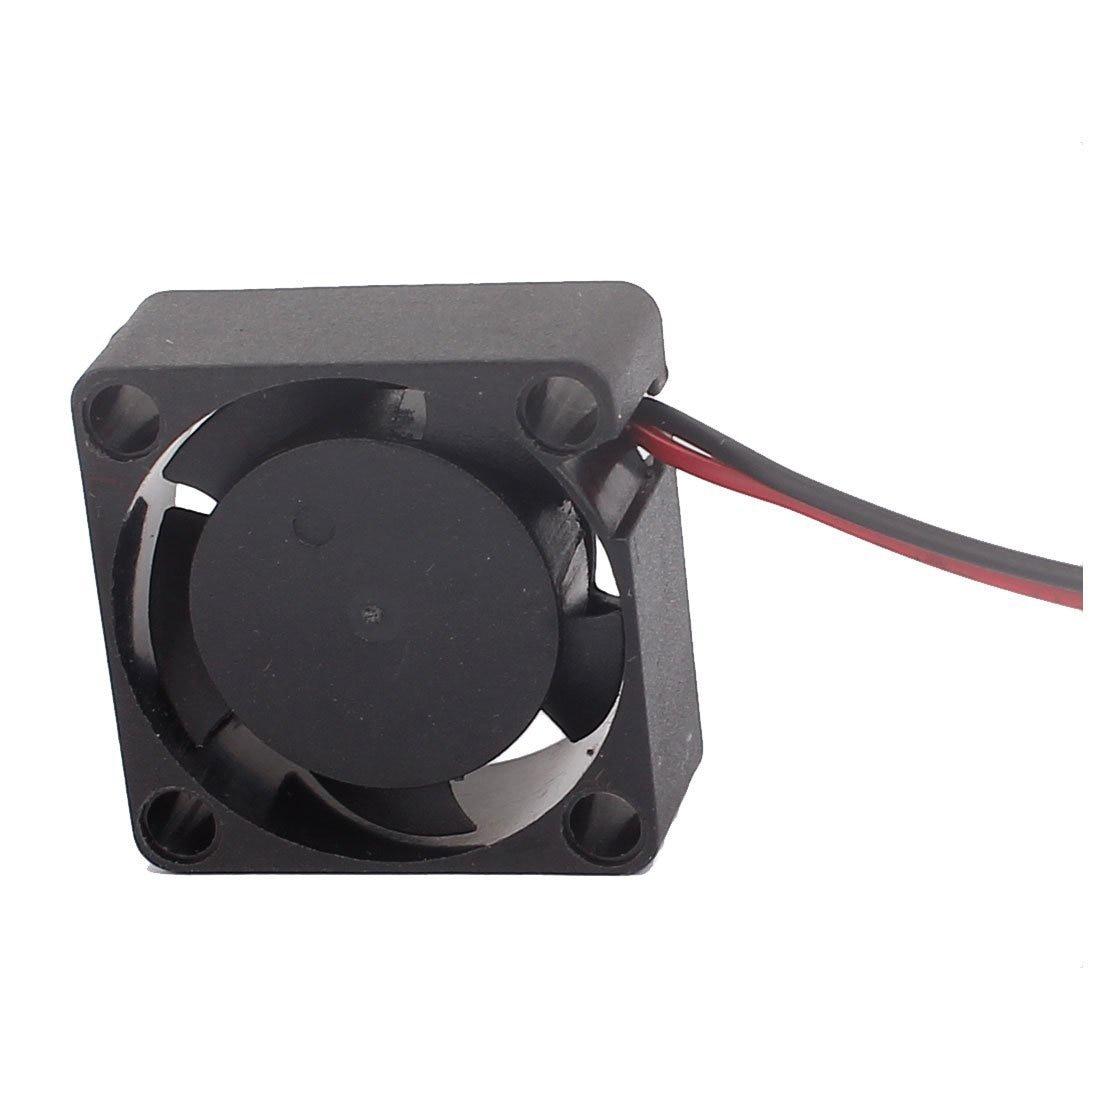 Подробнее о FSY 2.5cm DC 5V 0.15A Plastic 5 Blades Cooling Fan Cooler Black измерительный прибор fsy